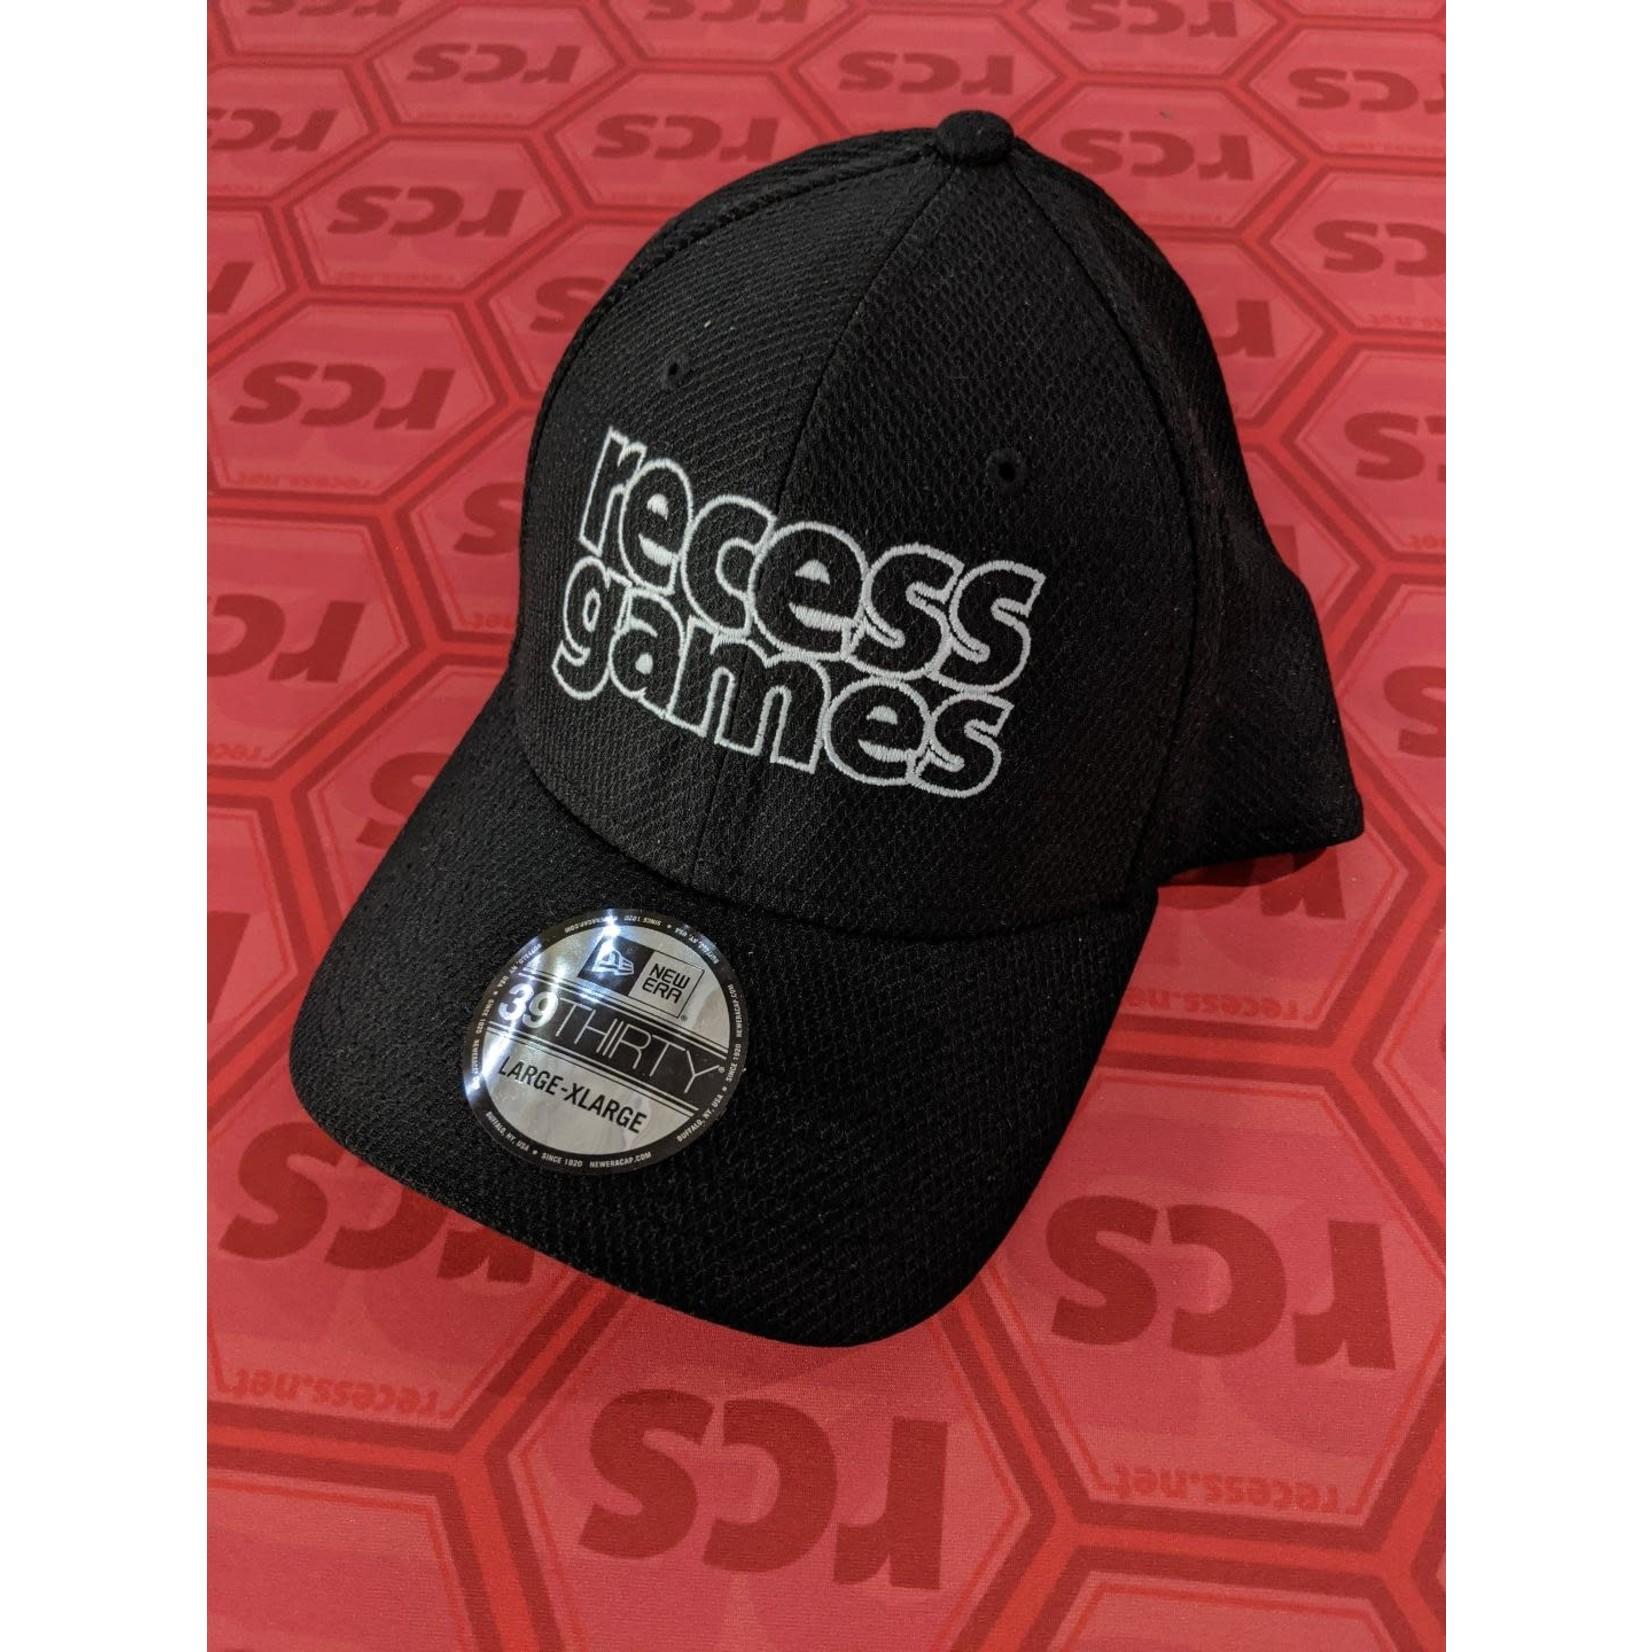 Recess Recess Games Logo Hat Black